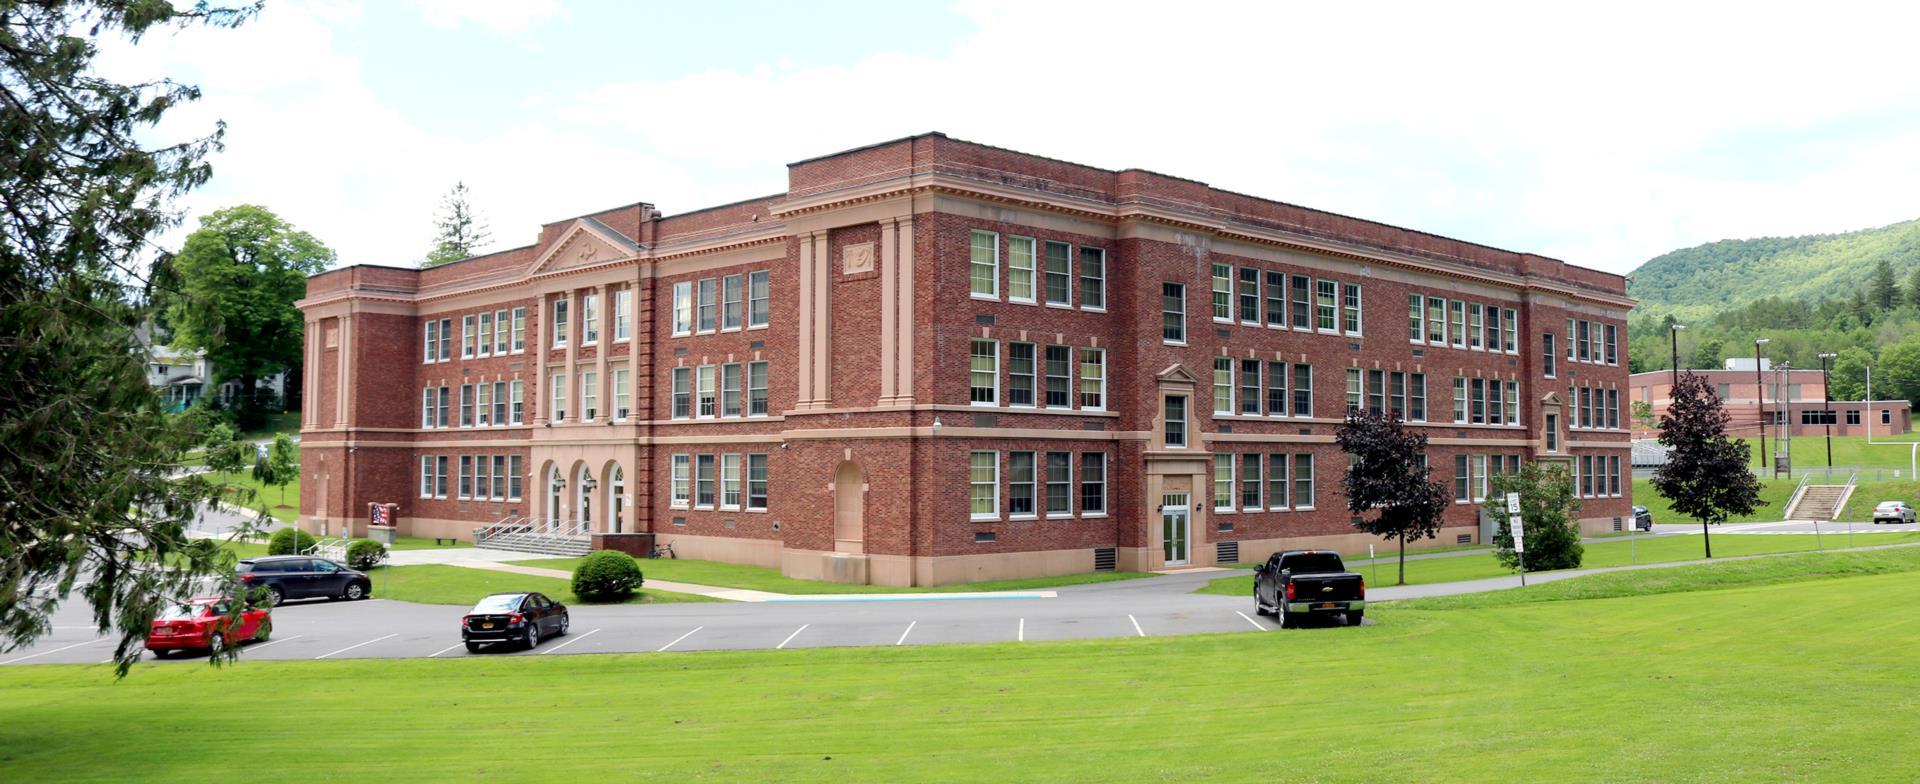 Hancock Central School Building 2019